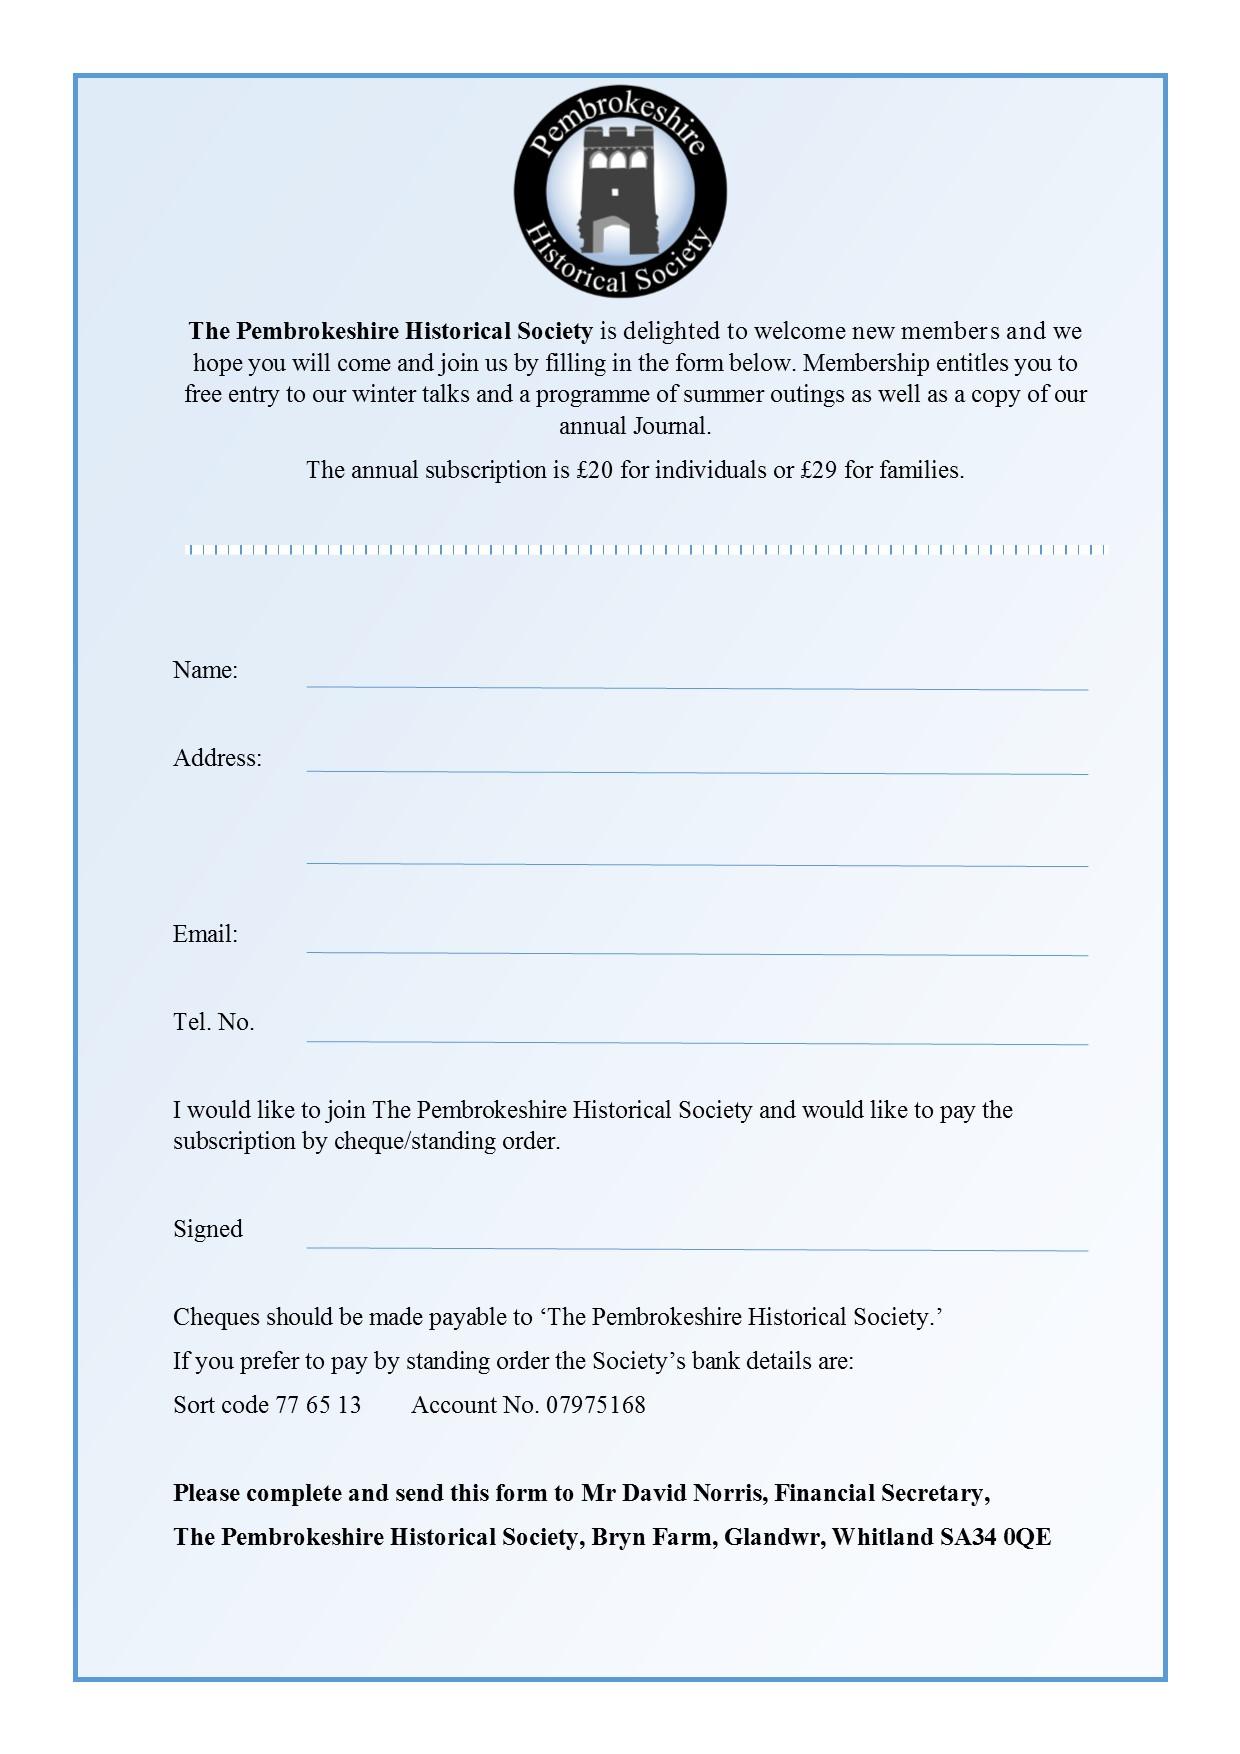 application-form-for-website